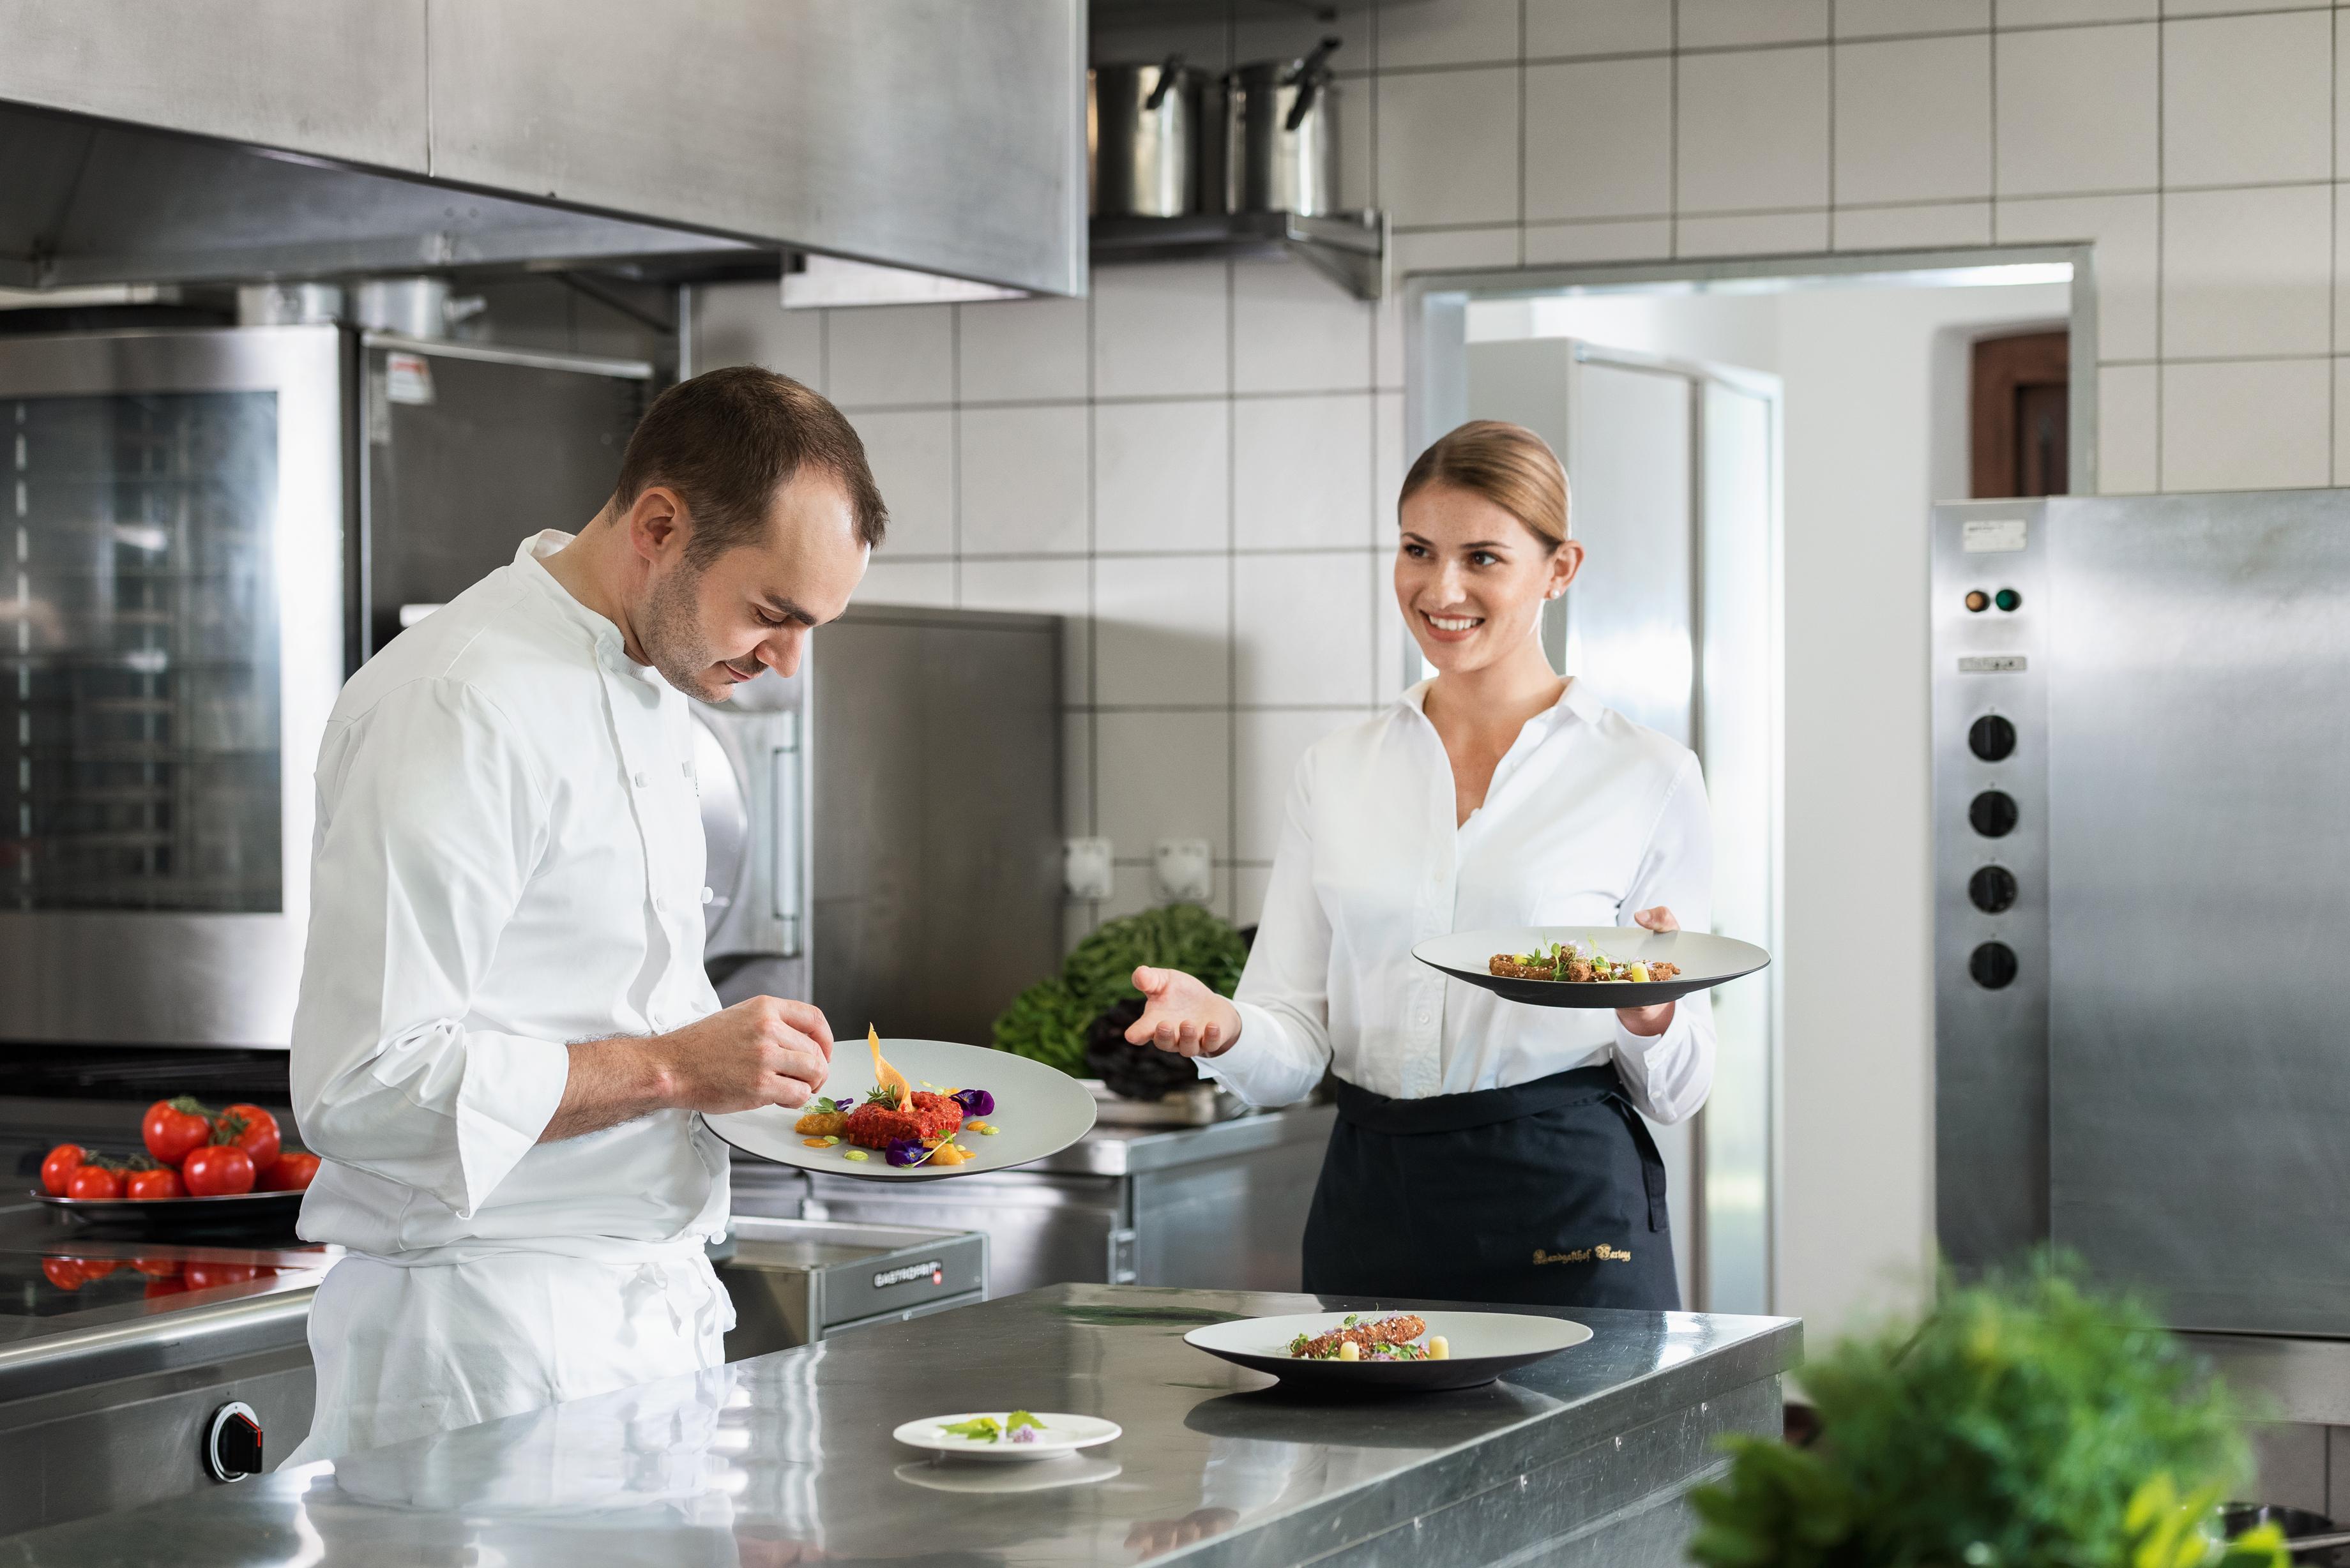 Restaurantfachfrau/-mann EFZ 50 – 80 % ab September 2021 oder nach Vereinbarung